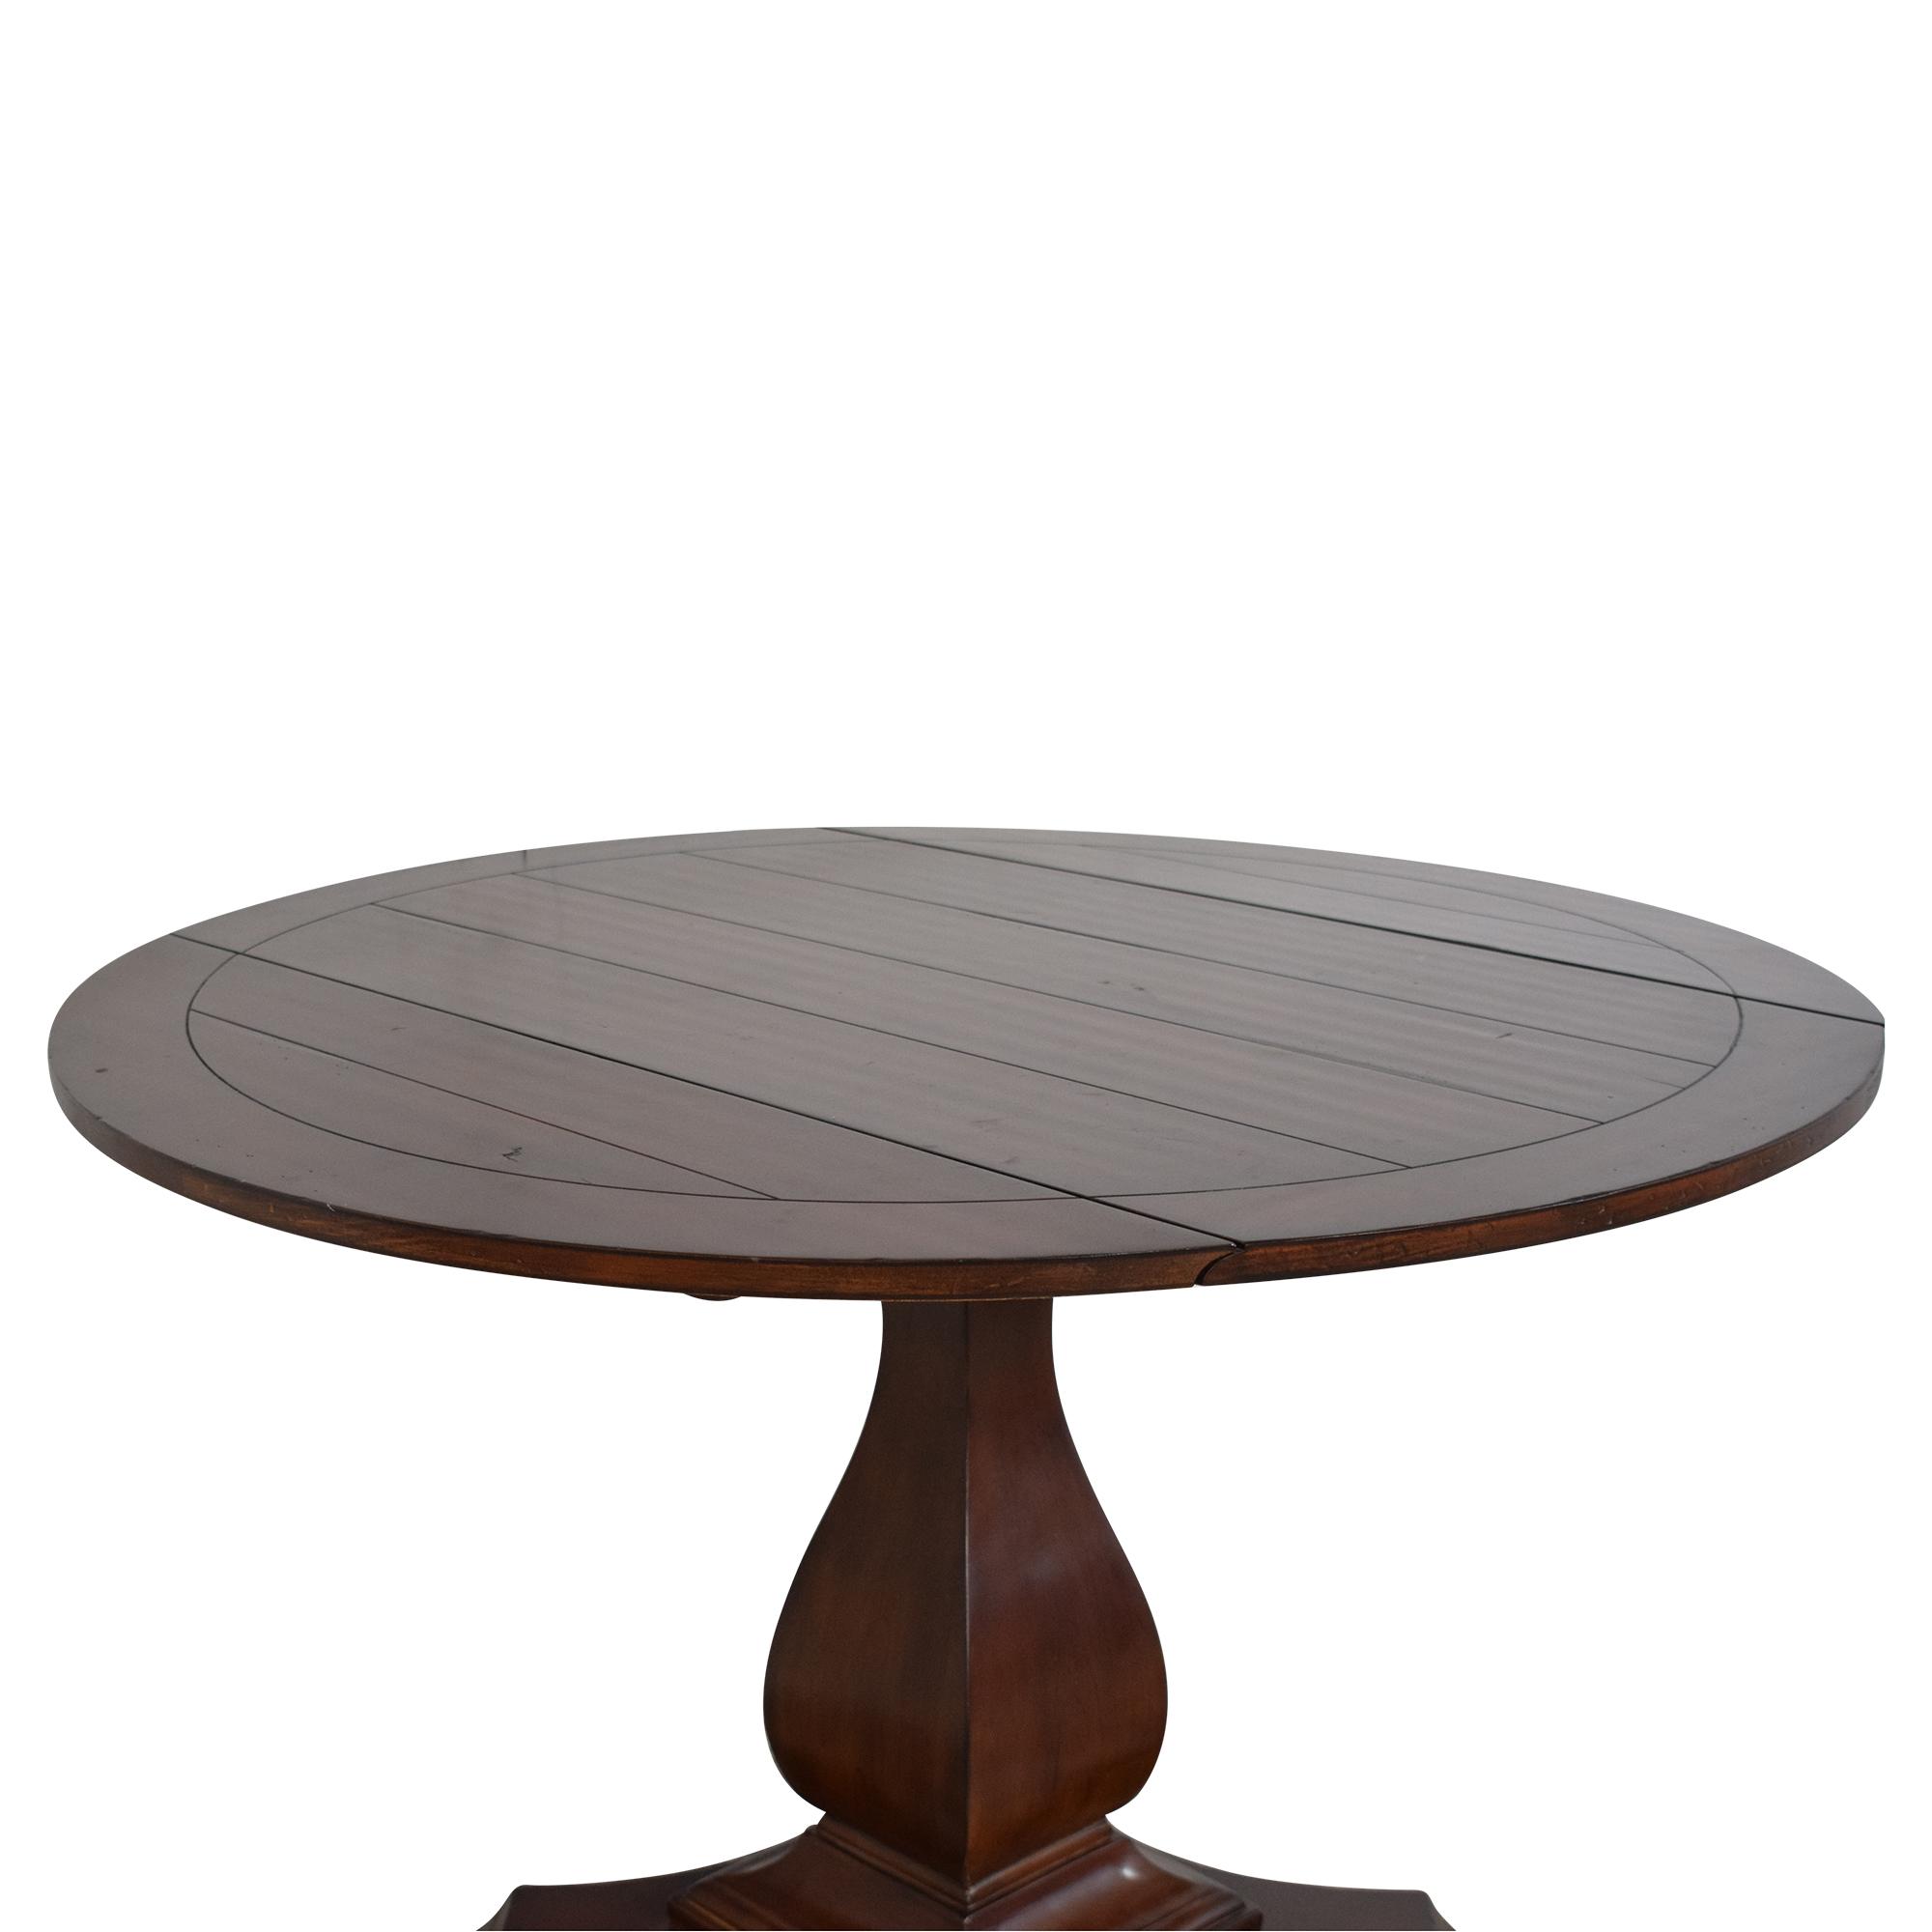 Hooker Furniture Hooker Furniture Waverly Drop Leaf Table dimensions